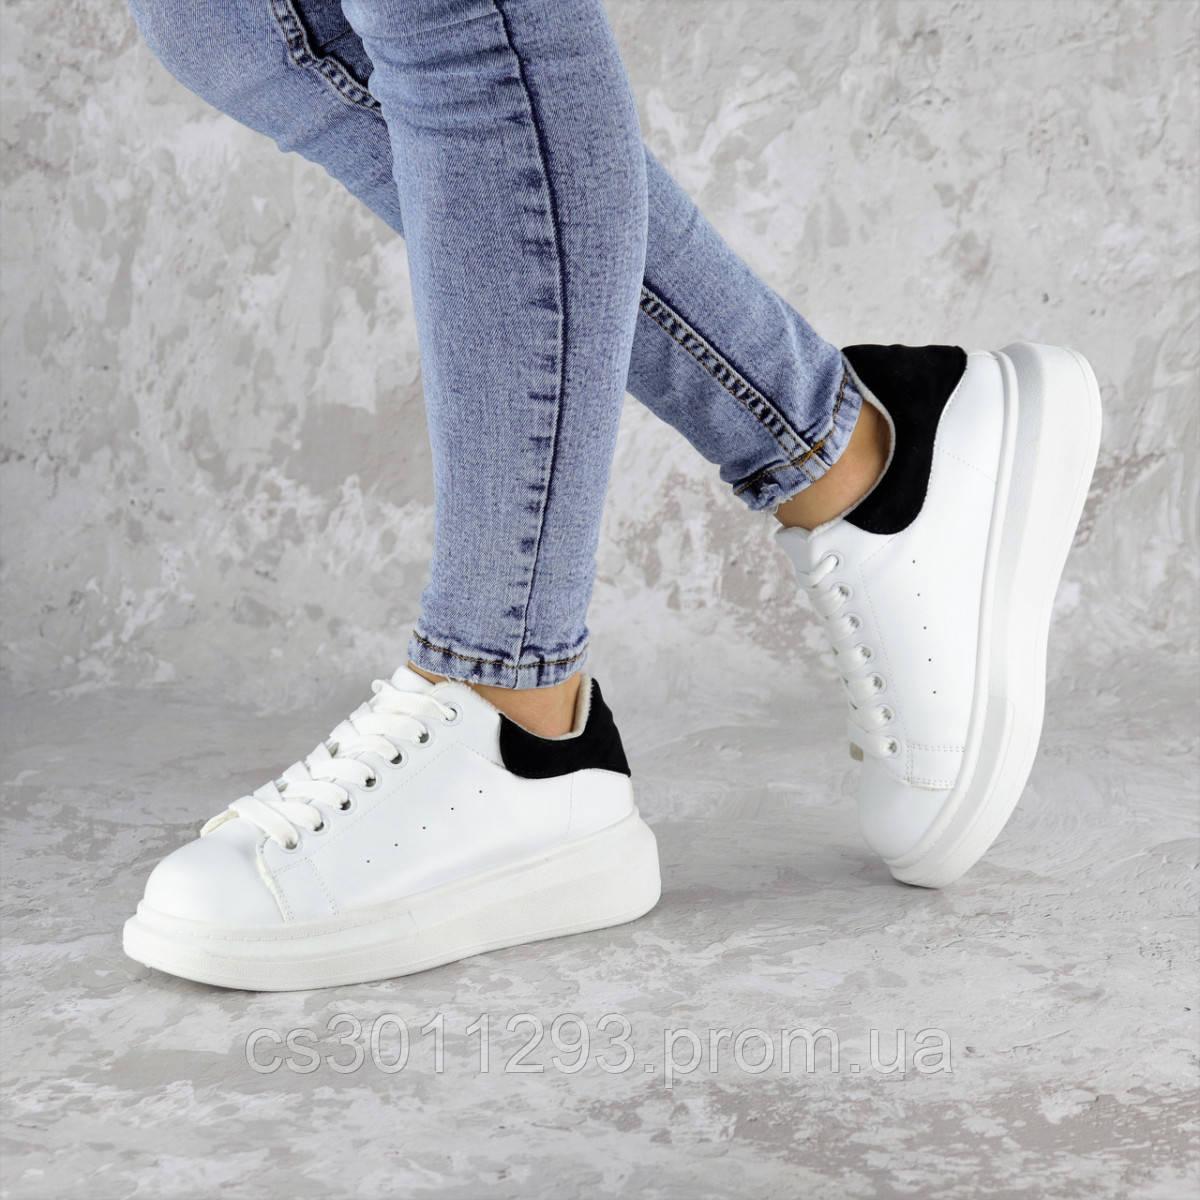 Кроссовки женские зимние с черным Fashion Celtie 2263 37 размер 24 см Белый